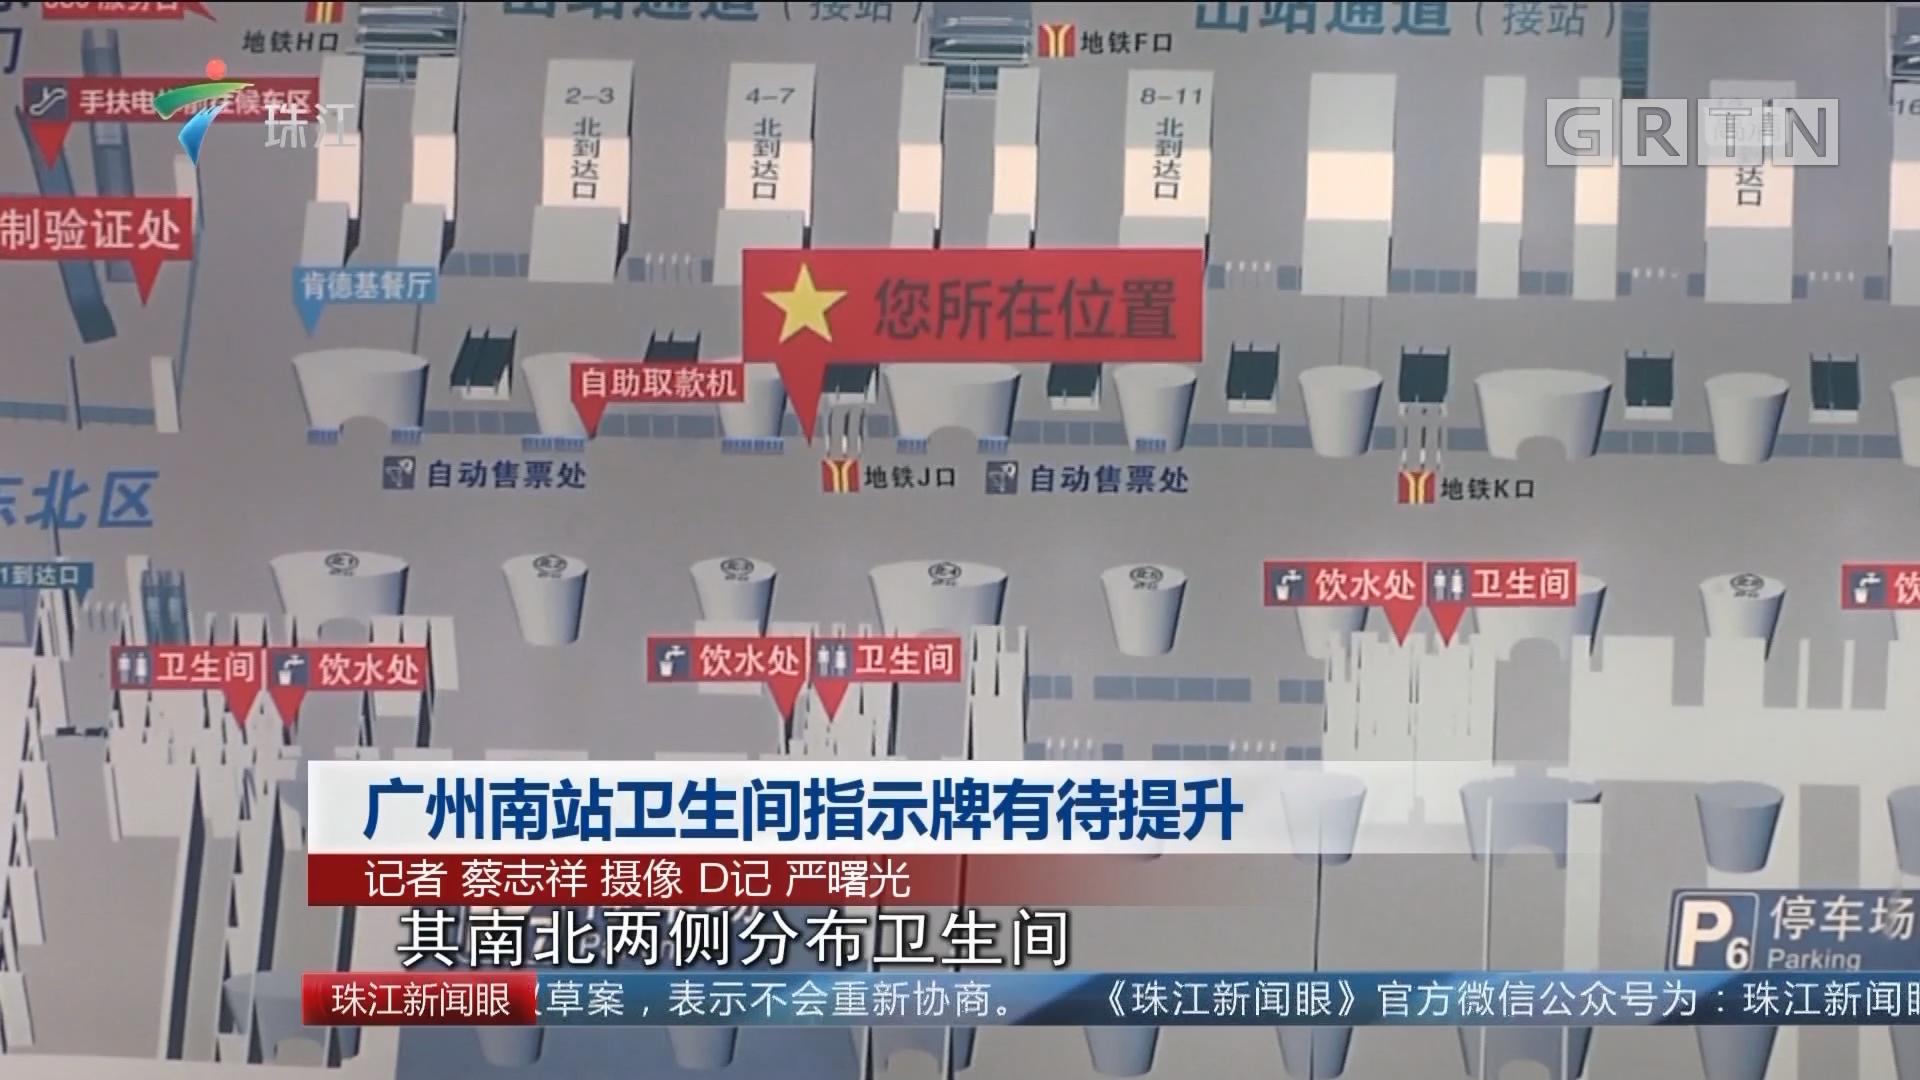 广州南站卫生间指示牌有待提升